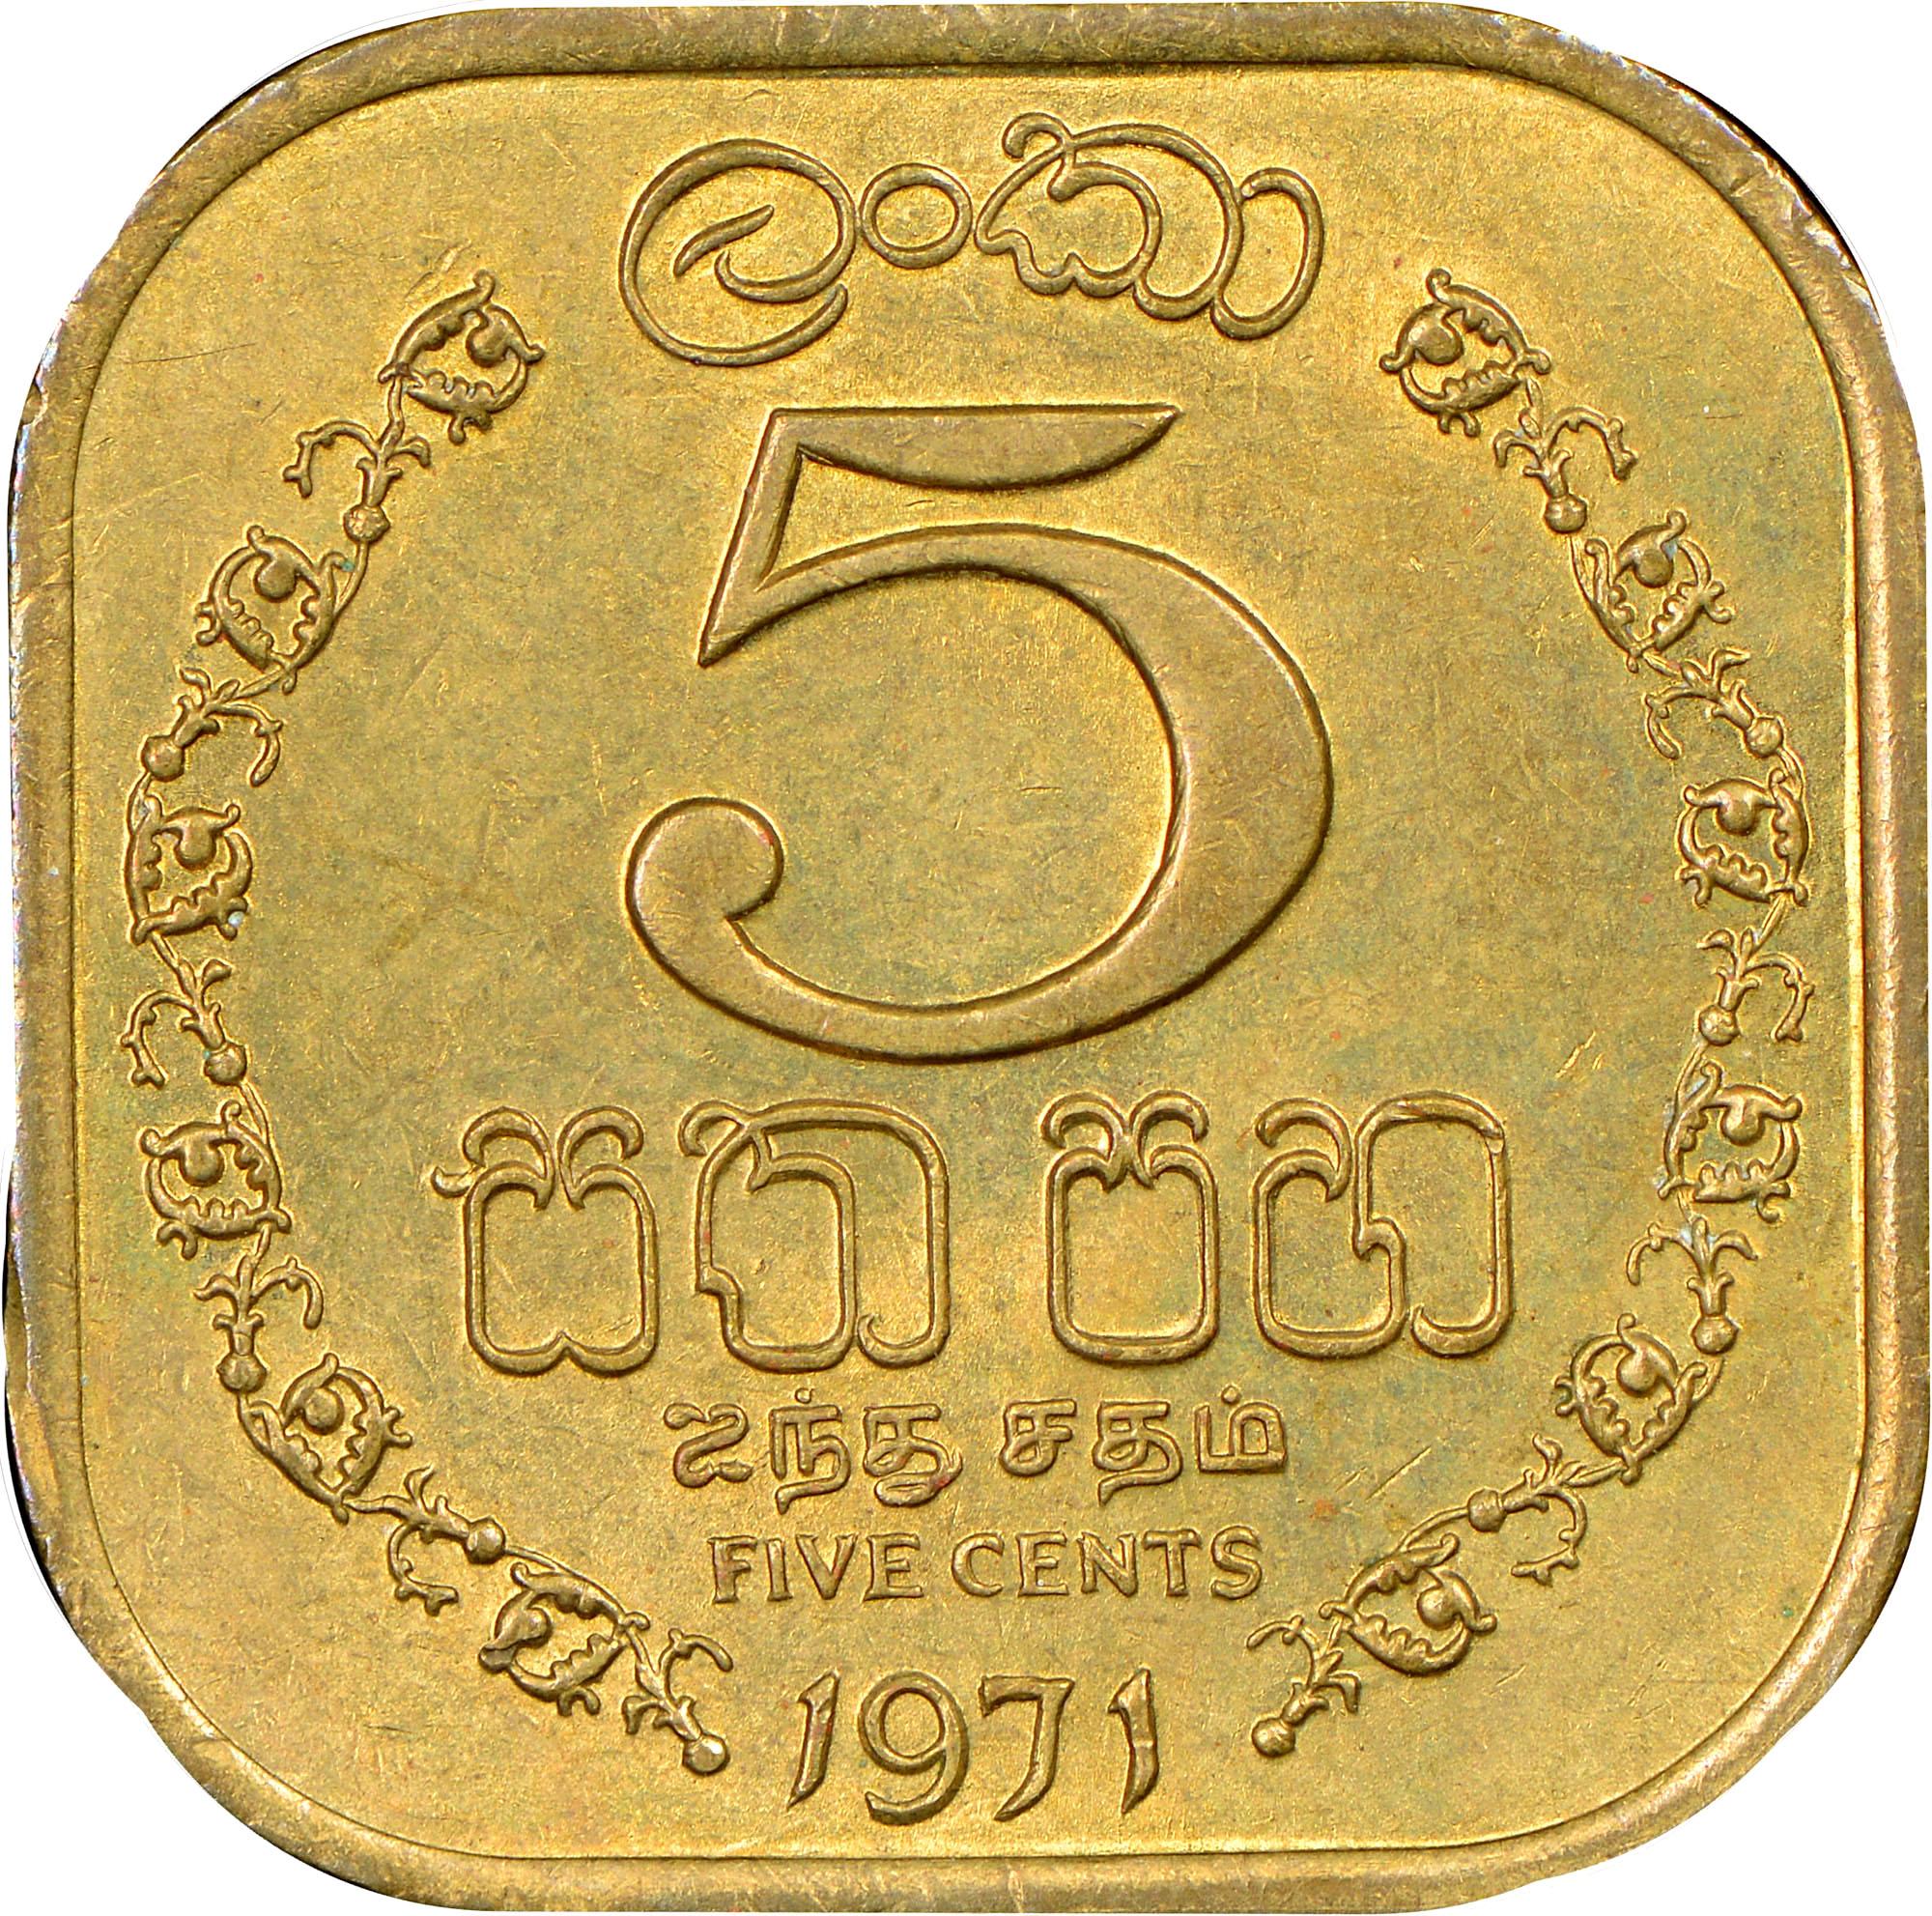 Ceylon 5 Cents obverse